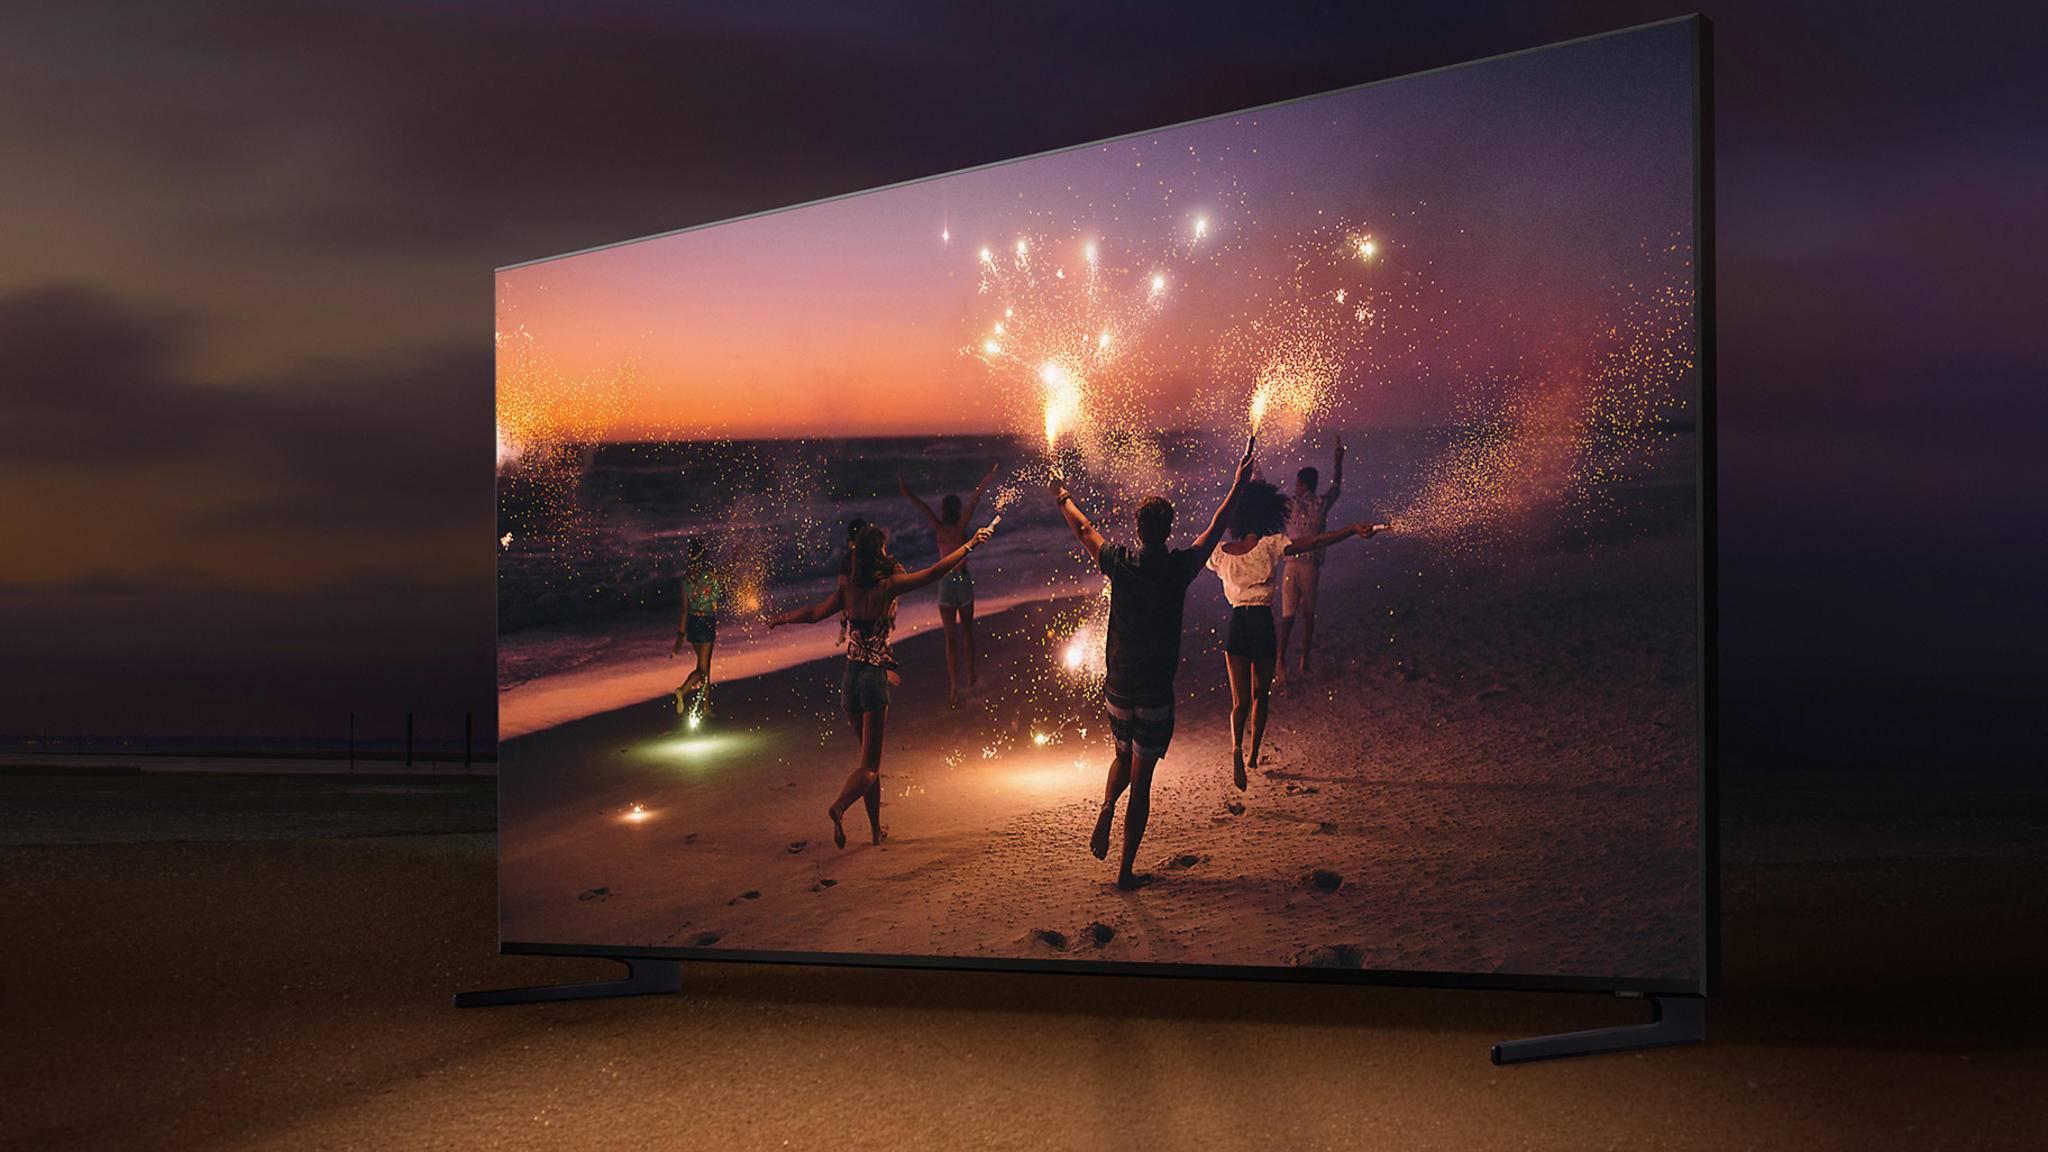 Samsungs QLED-Fernseher nutzen ein VA-Panel.